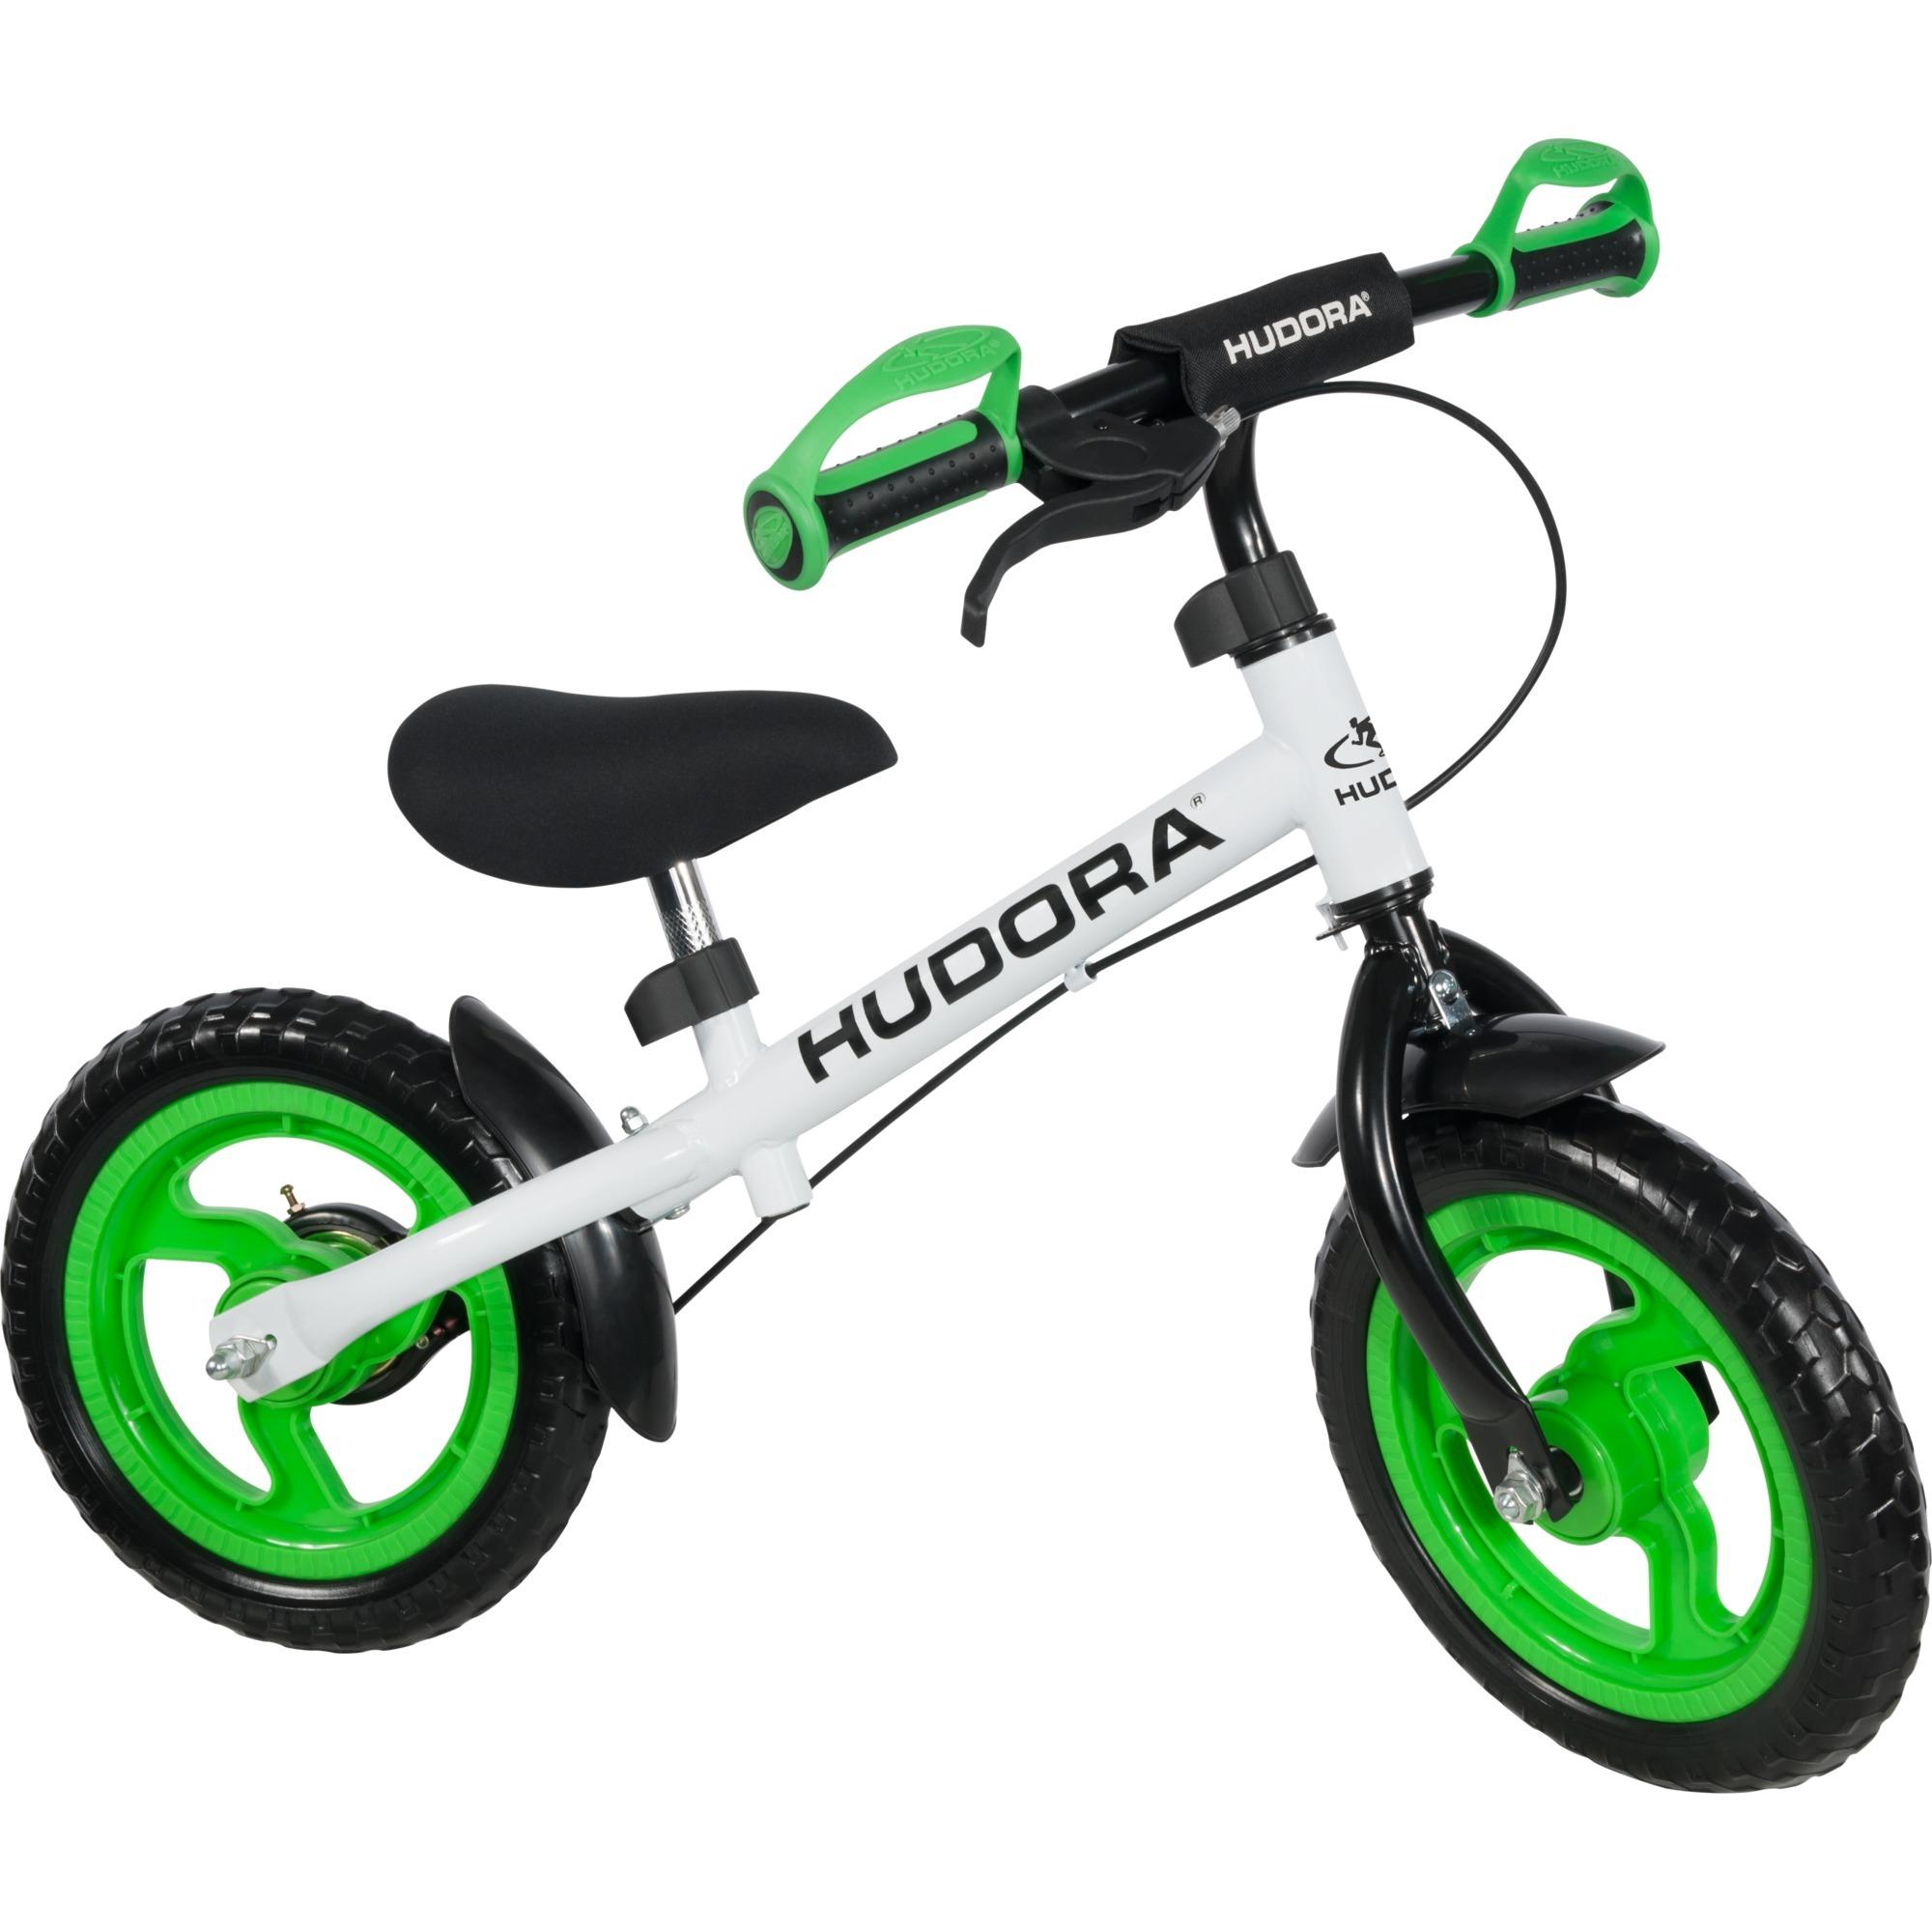 10370 Infantil unisex Verde, Color blanco bicicletta, Automóvil de juguete